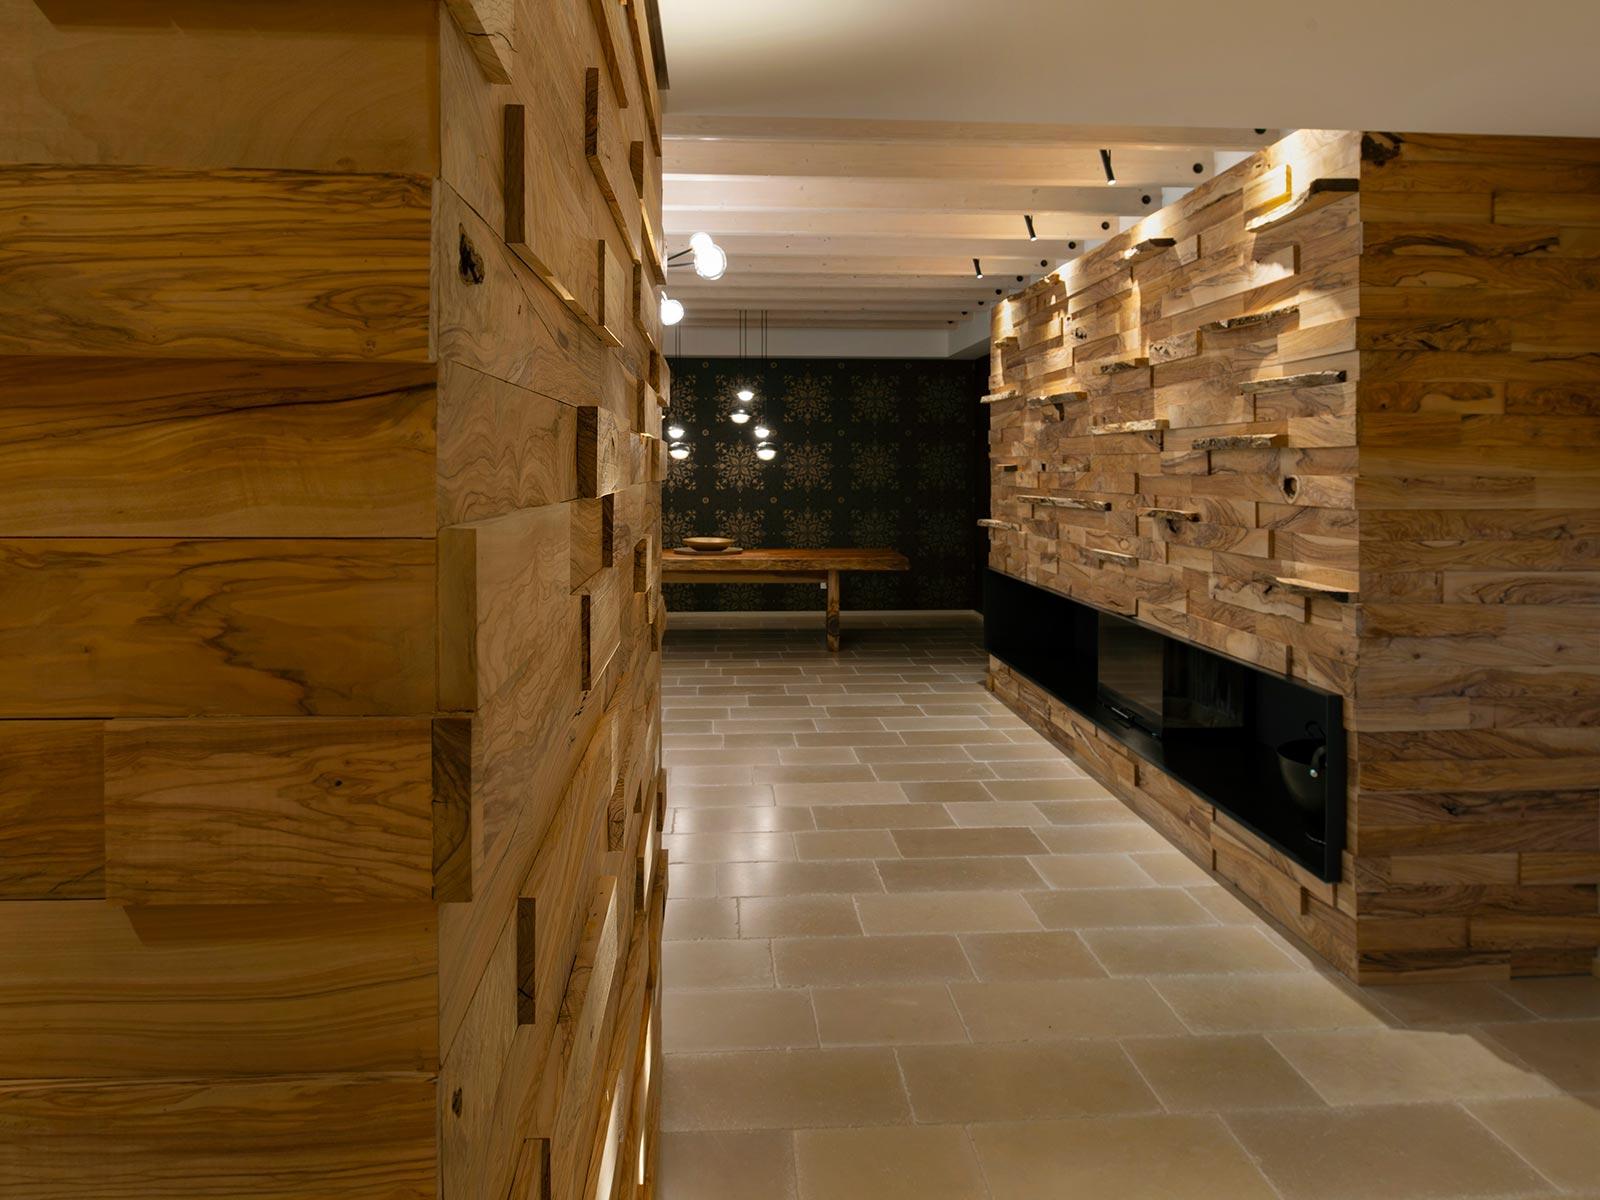 32 - Legno d'ulivo e pietra anticata, abitare pavimenti, continuum, classica, accanto alla pietra, il legno massello, modulatio olivum, pietra di trani, abitazioni, lastricato, tutti i rivestimenti